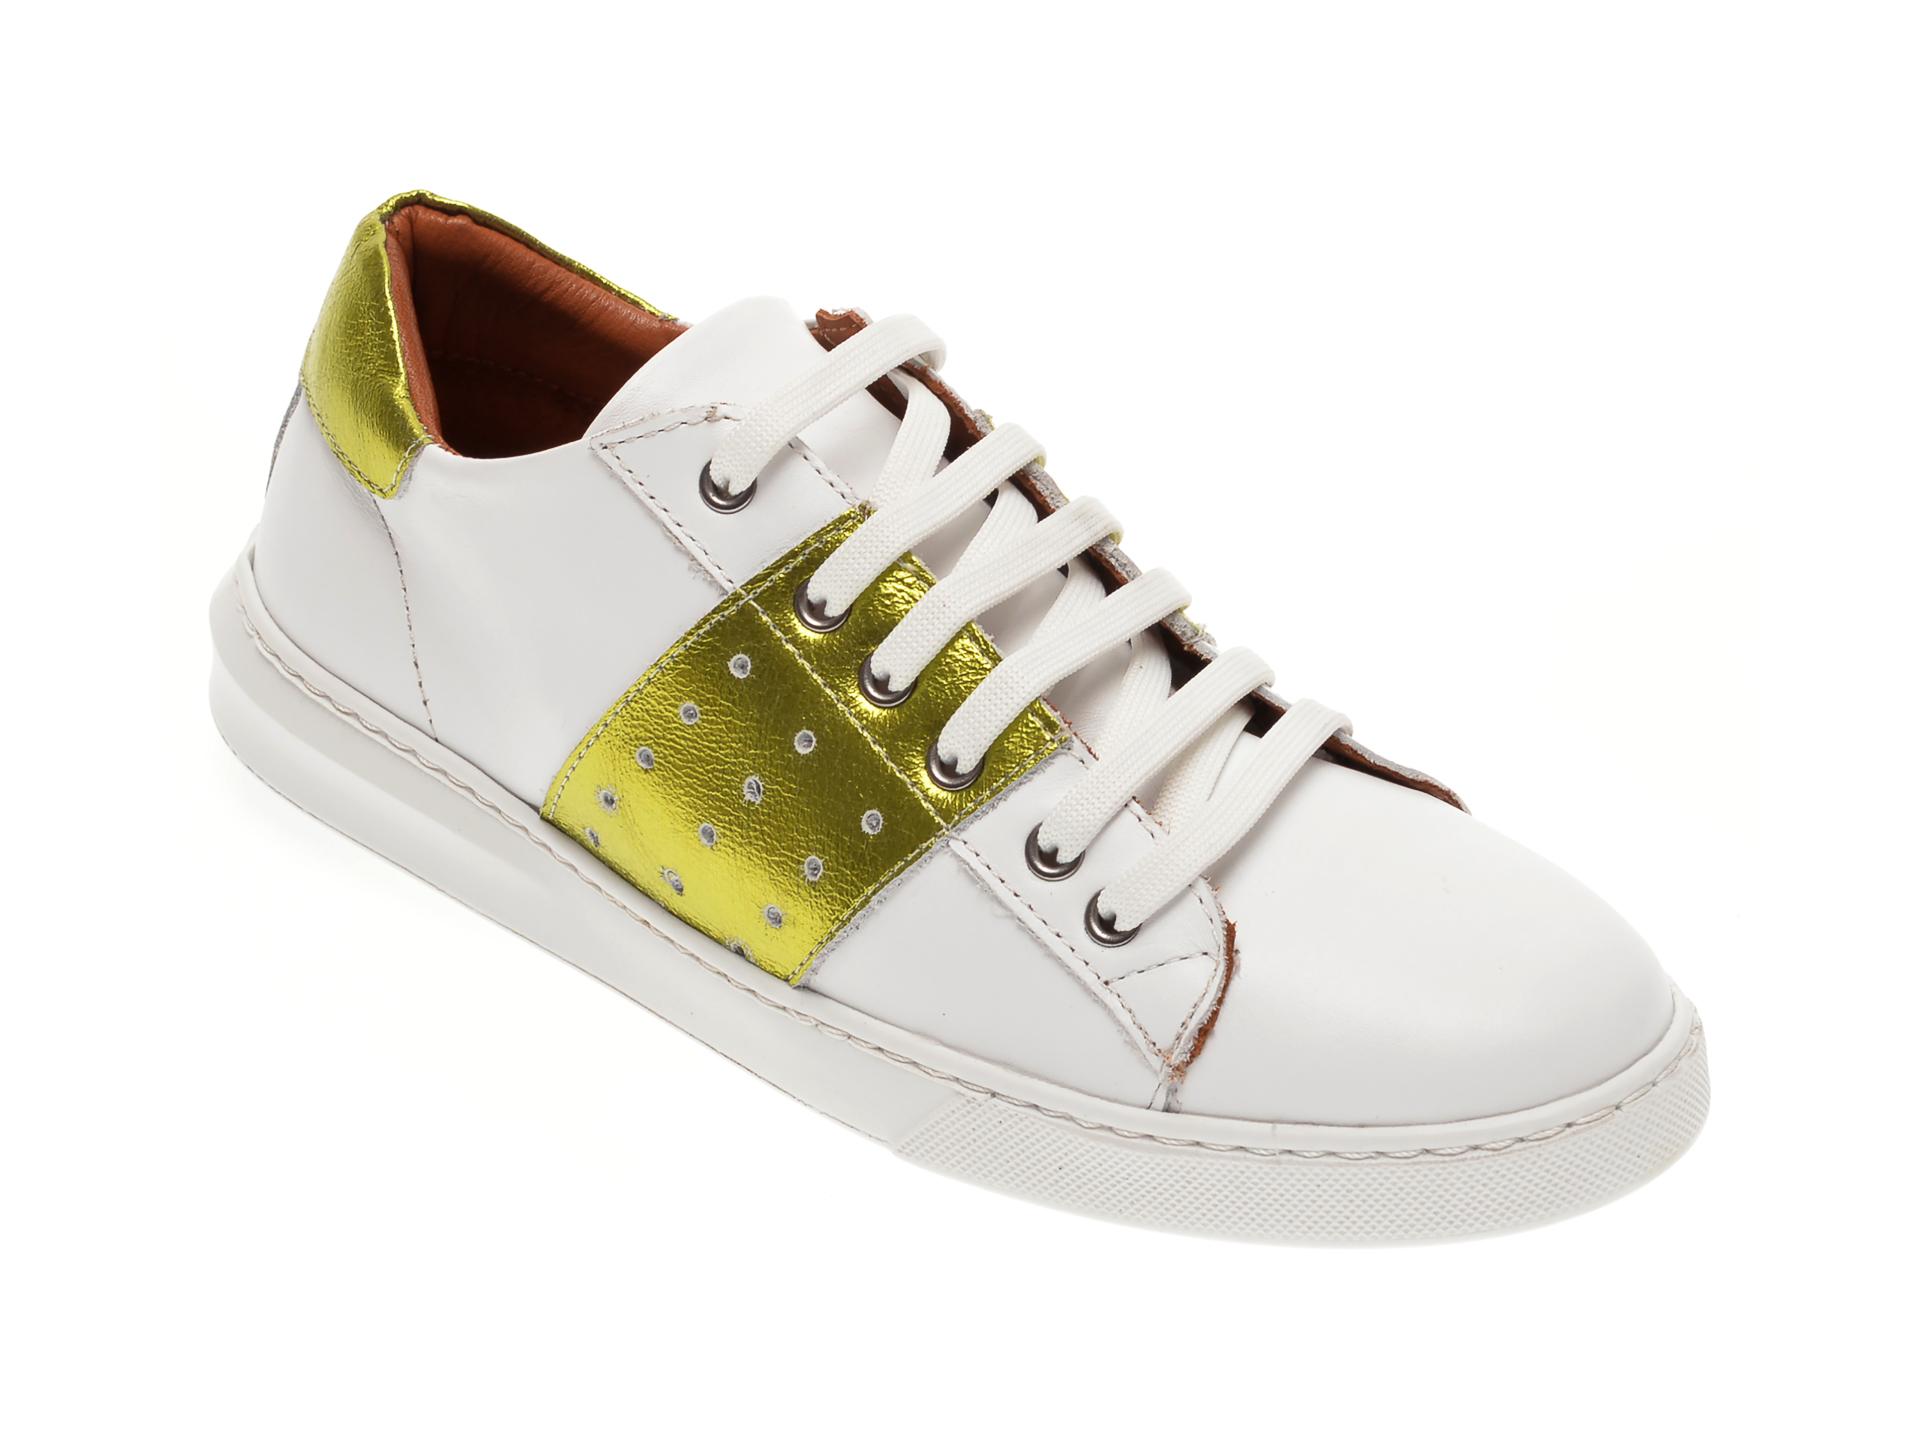 Pantofi BABOOS albi, 2303, din piele naturala